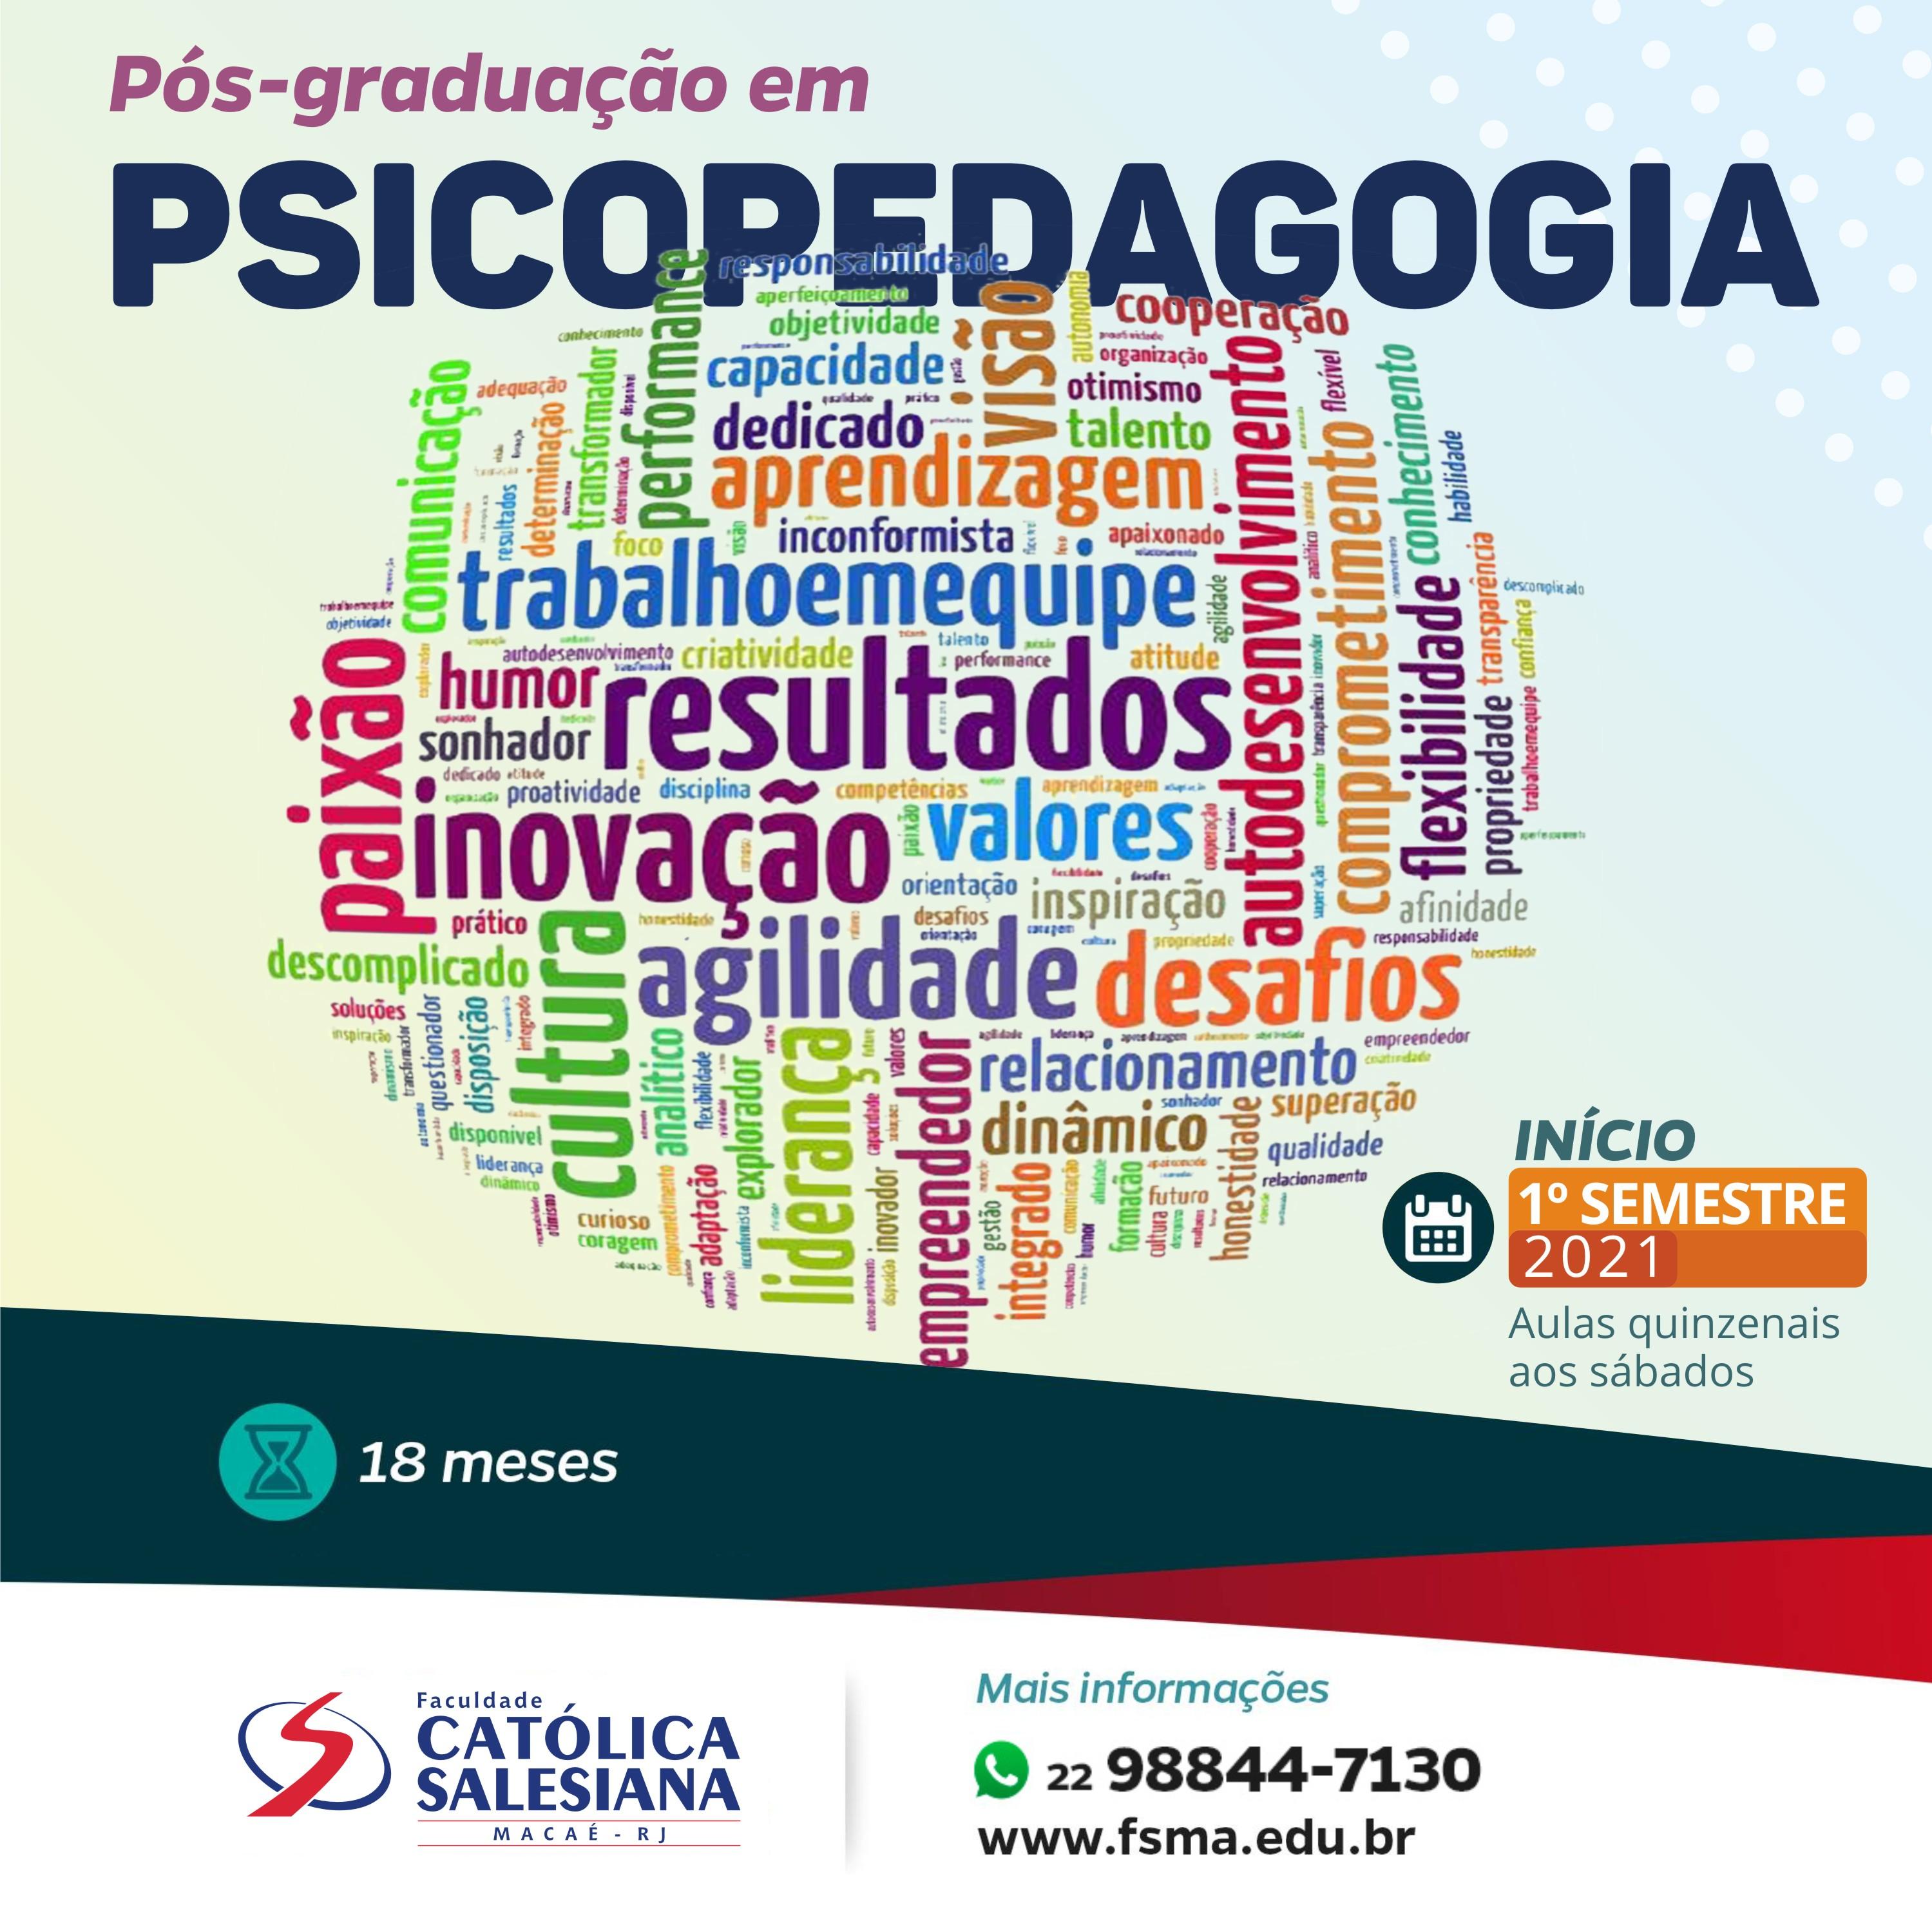 Psicopedagogia é o novo curso de pós-graduação da Católica Salesiana